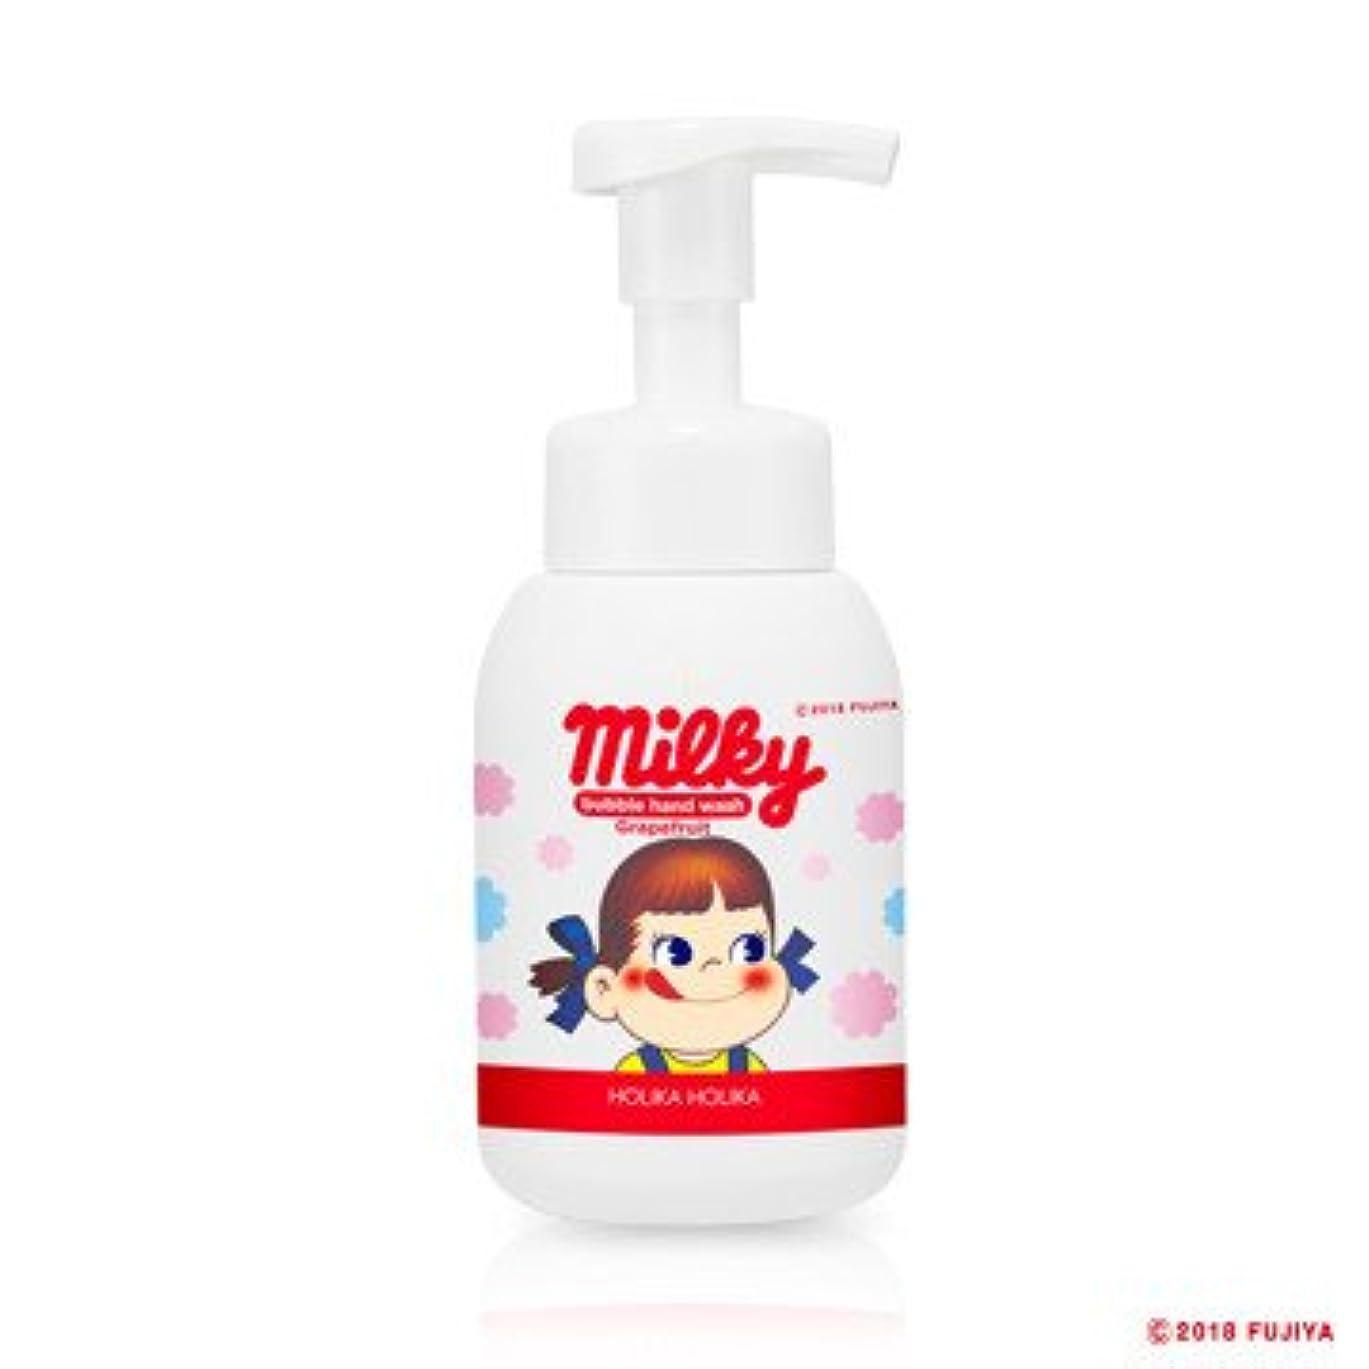 容赦ない場所ママHolika Holika [Sweet Peko Edition] Bubble Hand Wash/ホリカホリカ [スイートペコエディション] バブルハンドウォッシュ 250ml [並行輸入品]